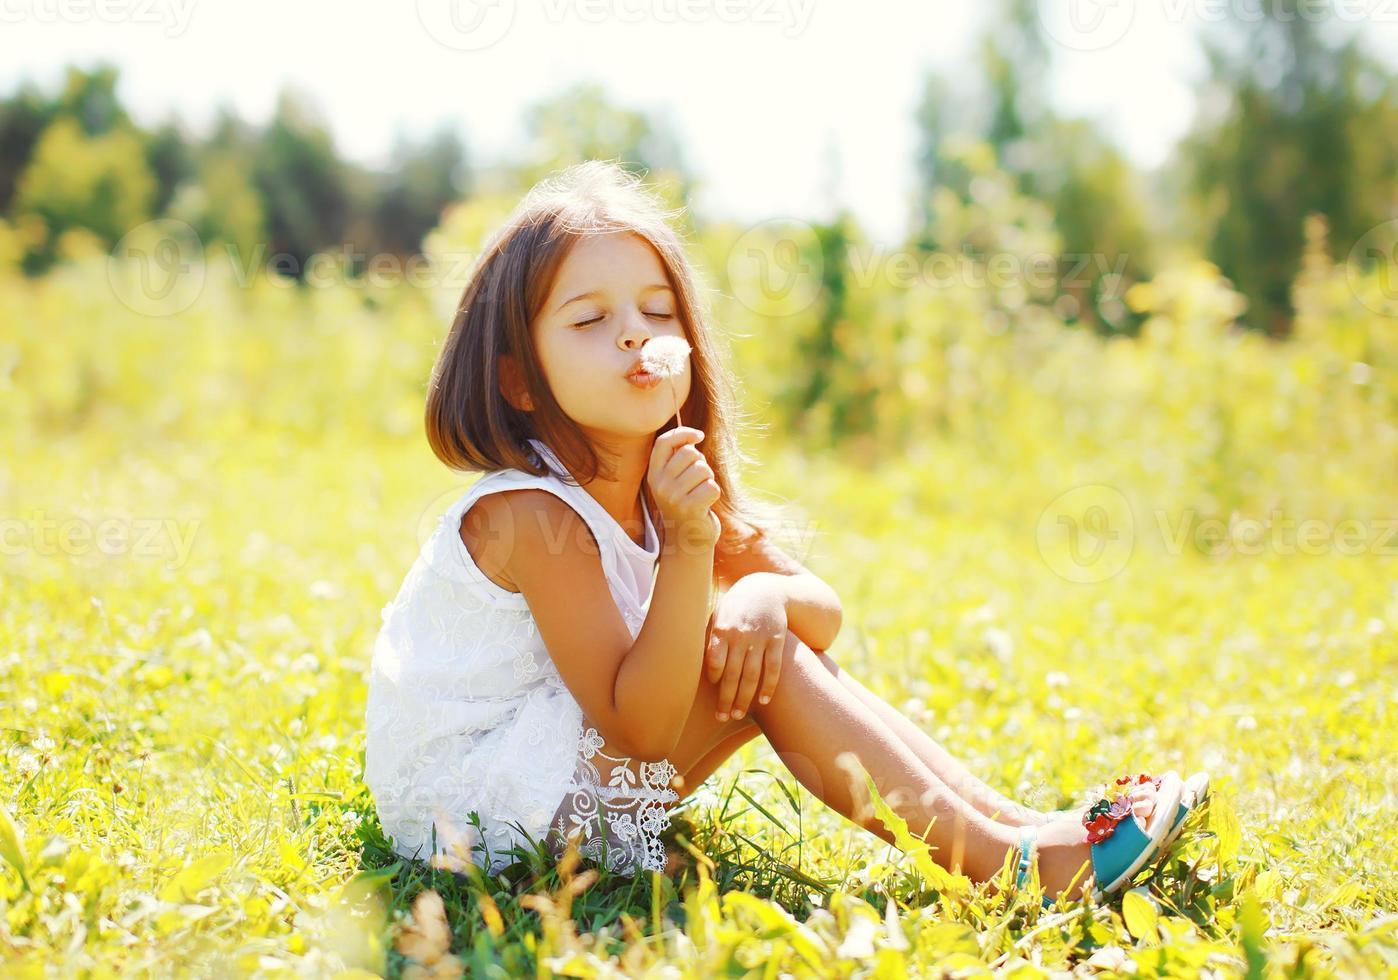 menina linda soprando flor dente de leão no verão foto